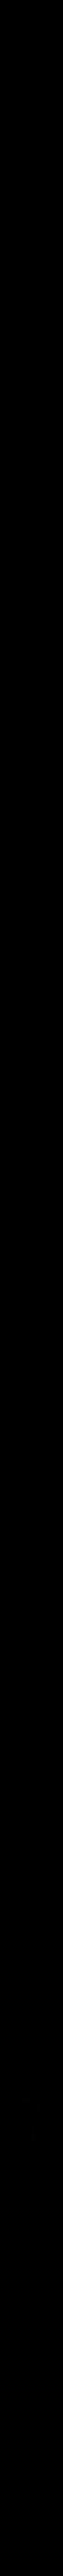 elongated v1 17-22.png